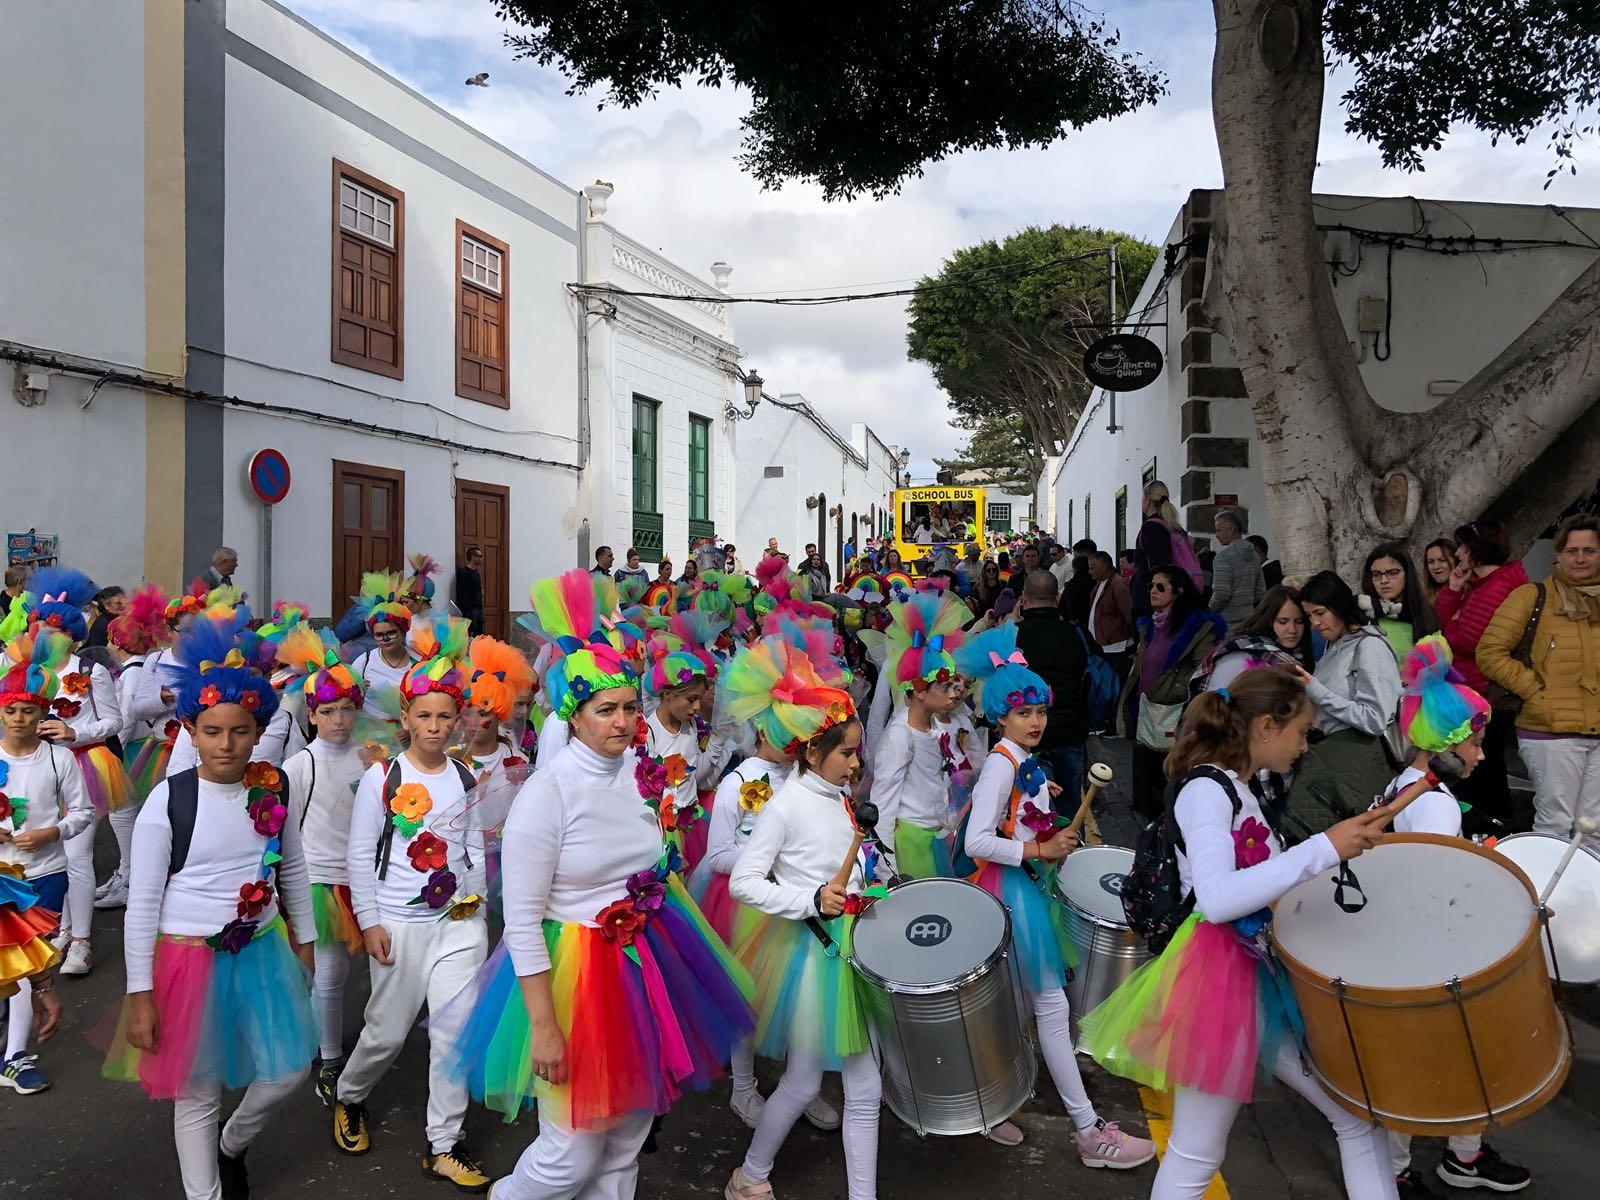 El Ayuntamiento organiza por tercer año consecutivo el pasacalle de la inclusión